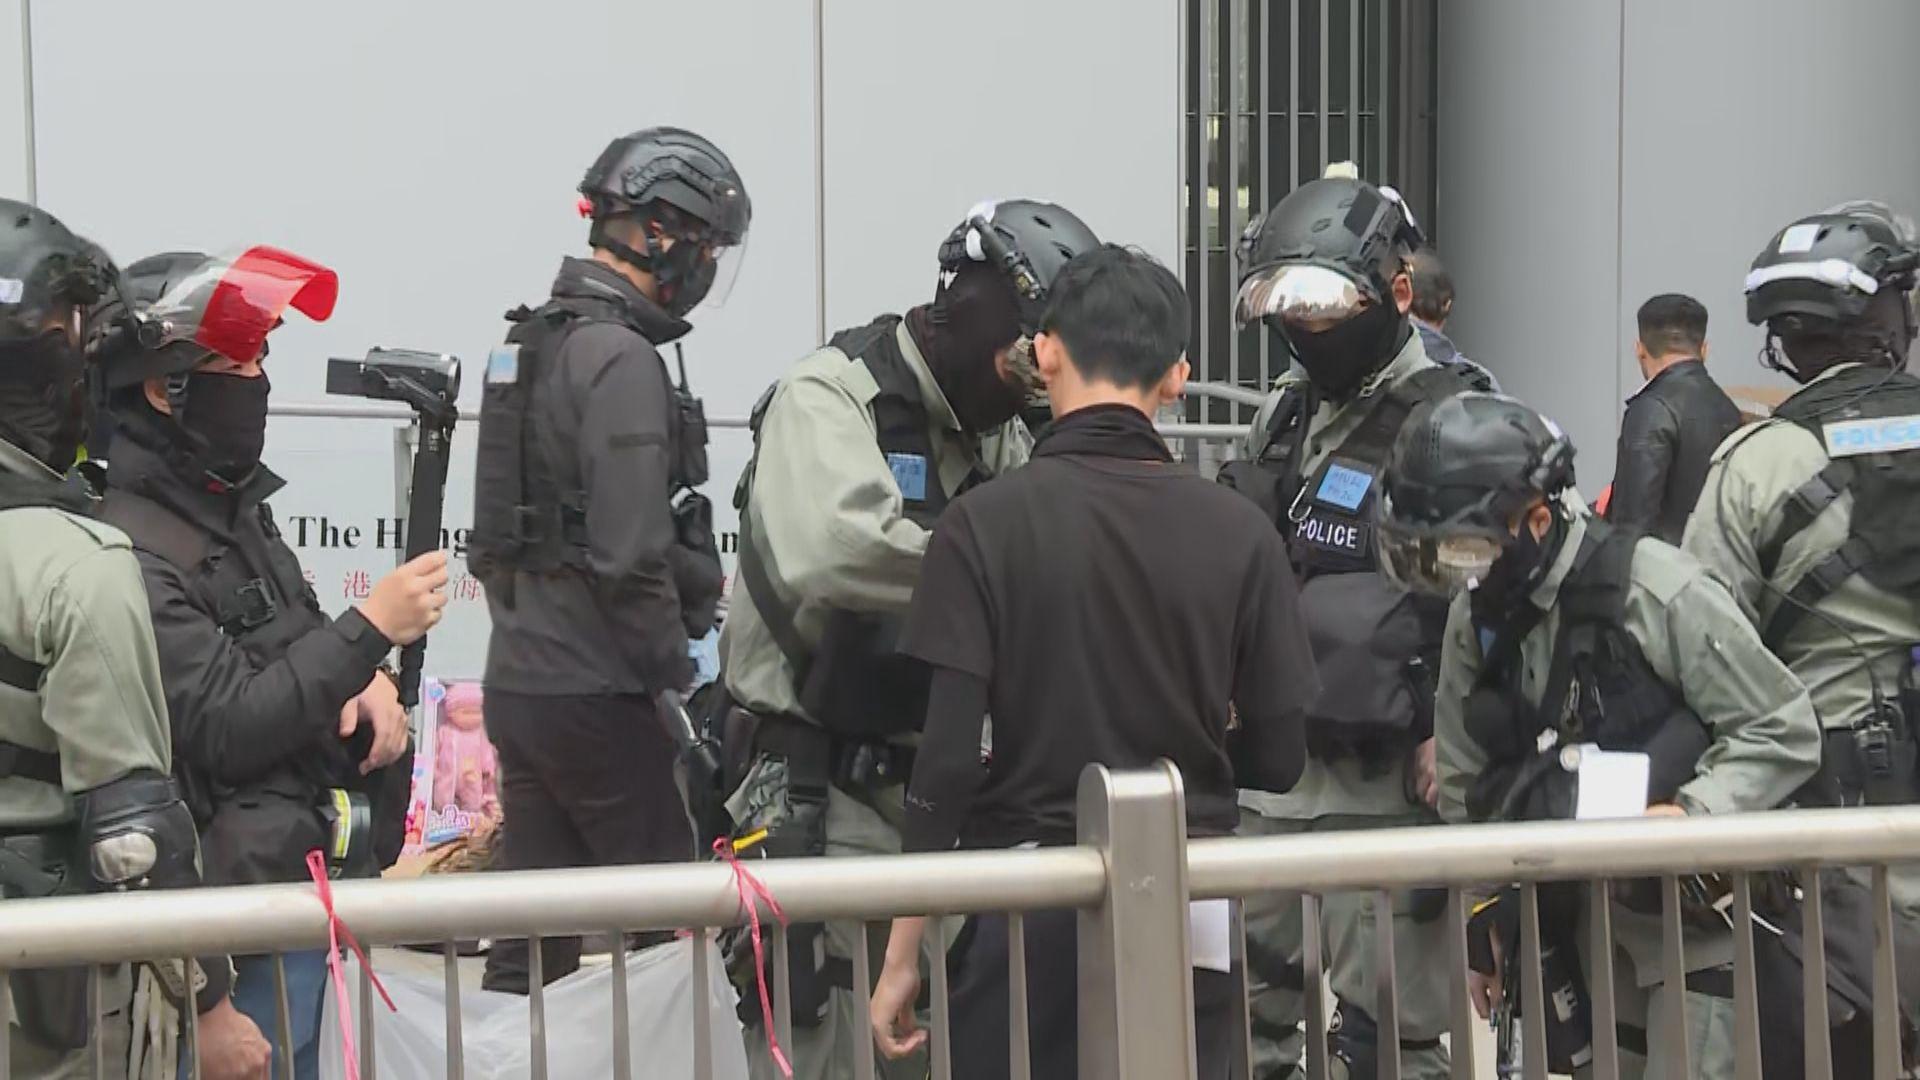 團體遮打花園集會 警方拘捕四人涉藏攻擊性武器